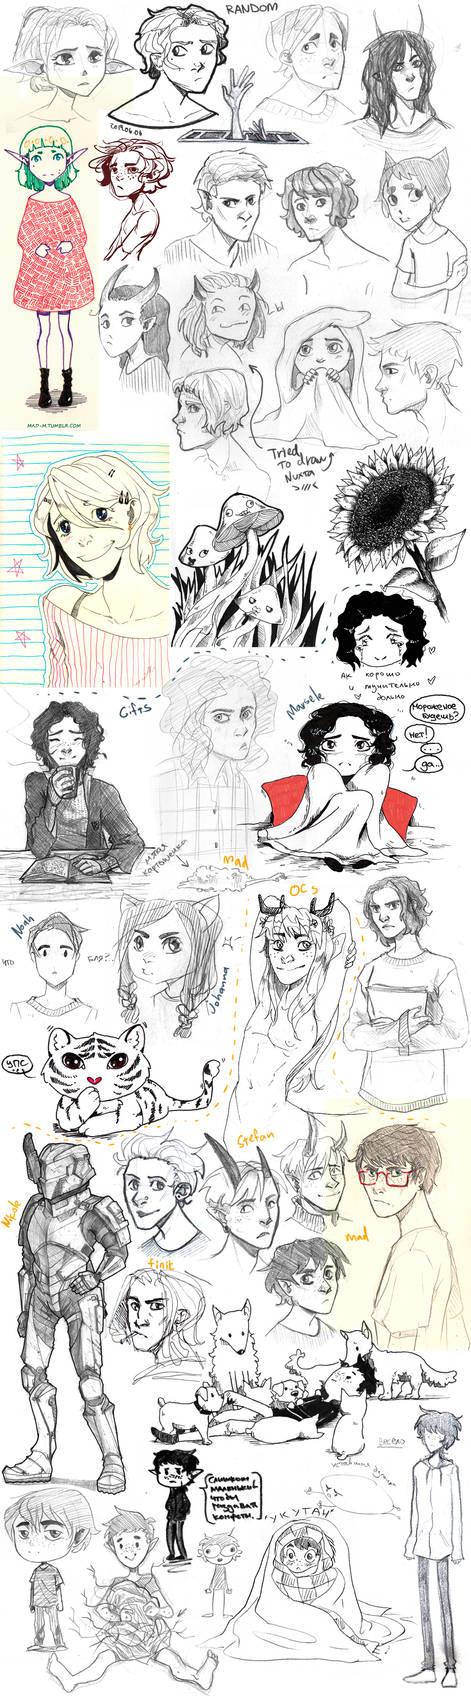 sketch: 79